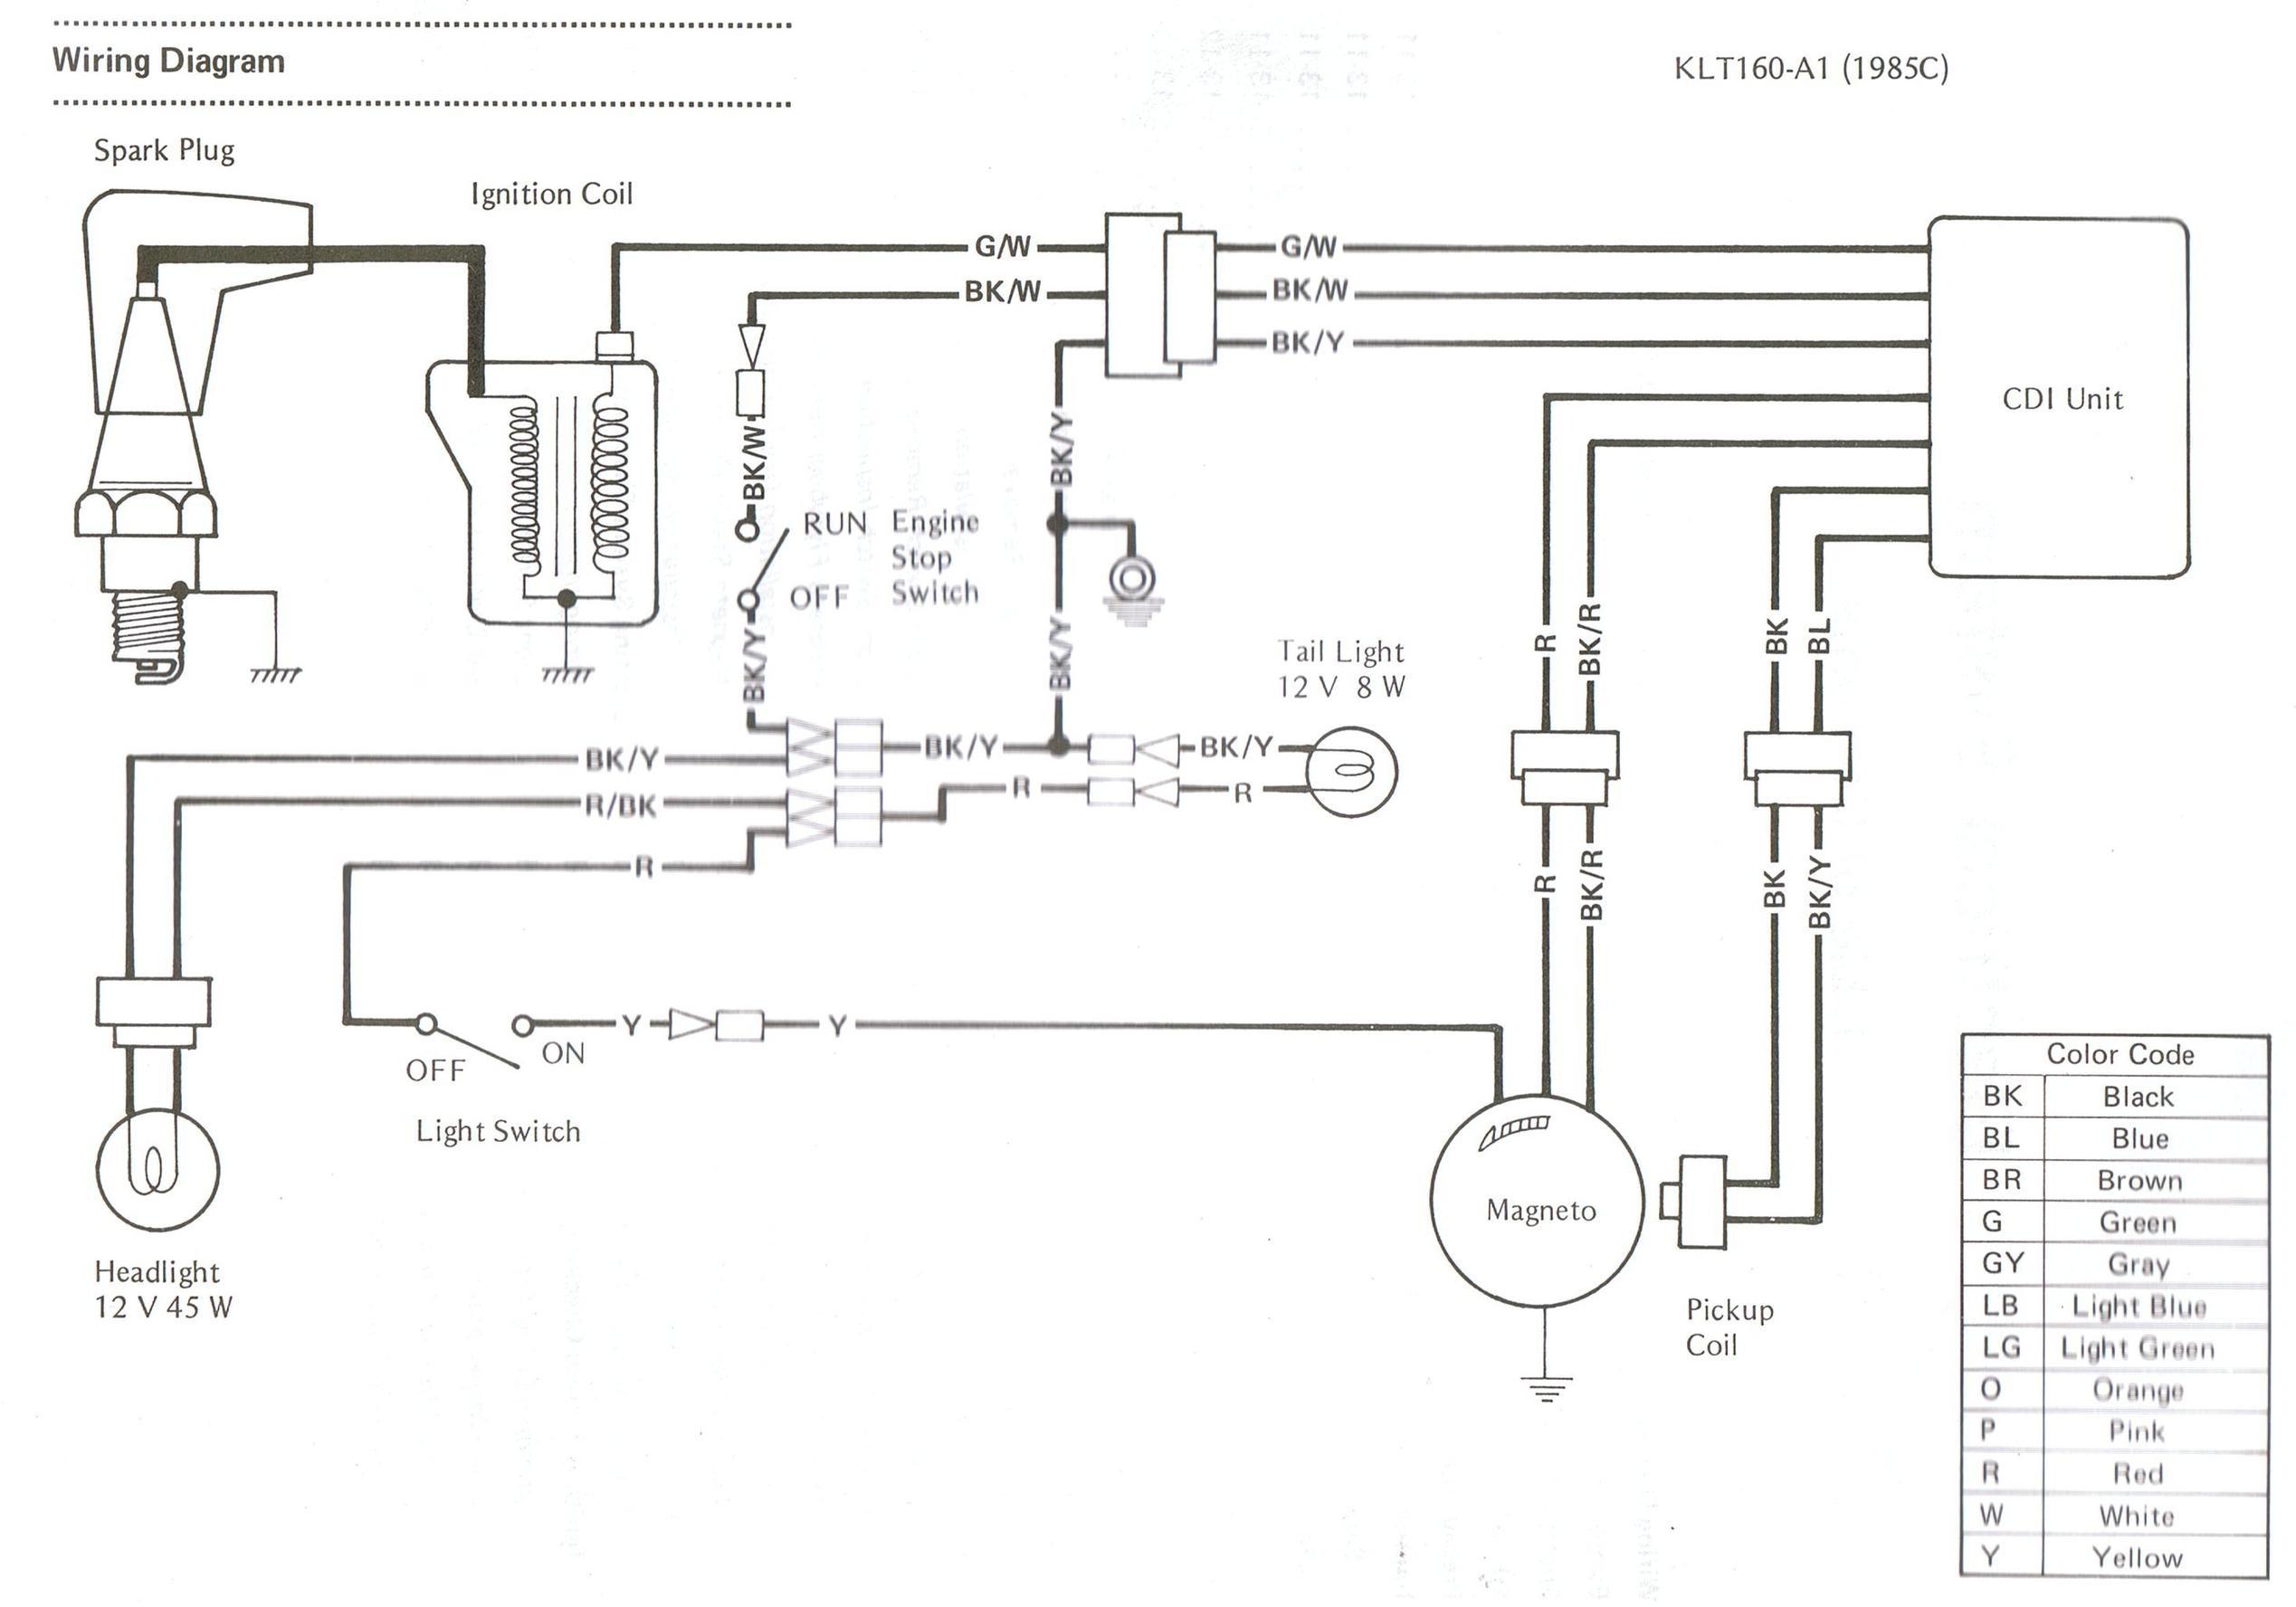 polaris 325 wiring diagram free download schematic | wiring diagram  wiring diagram - autoscout24